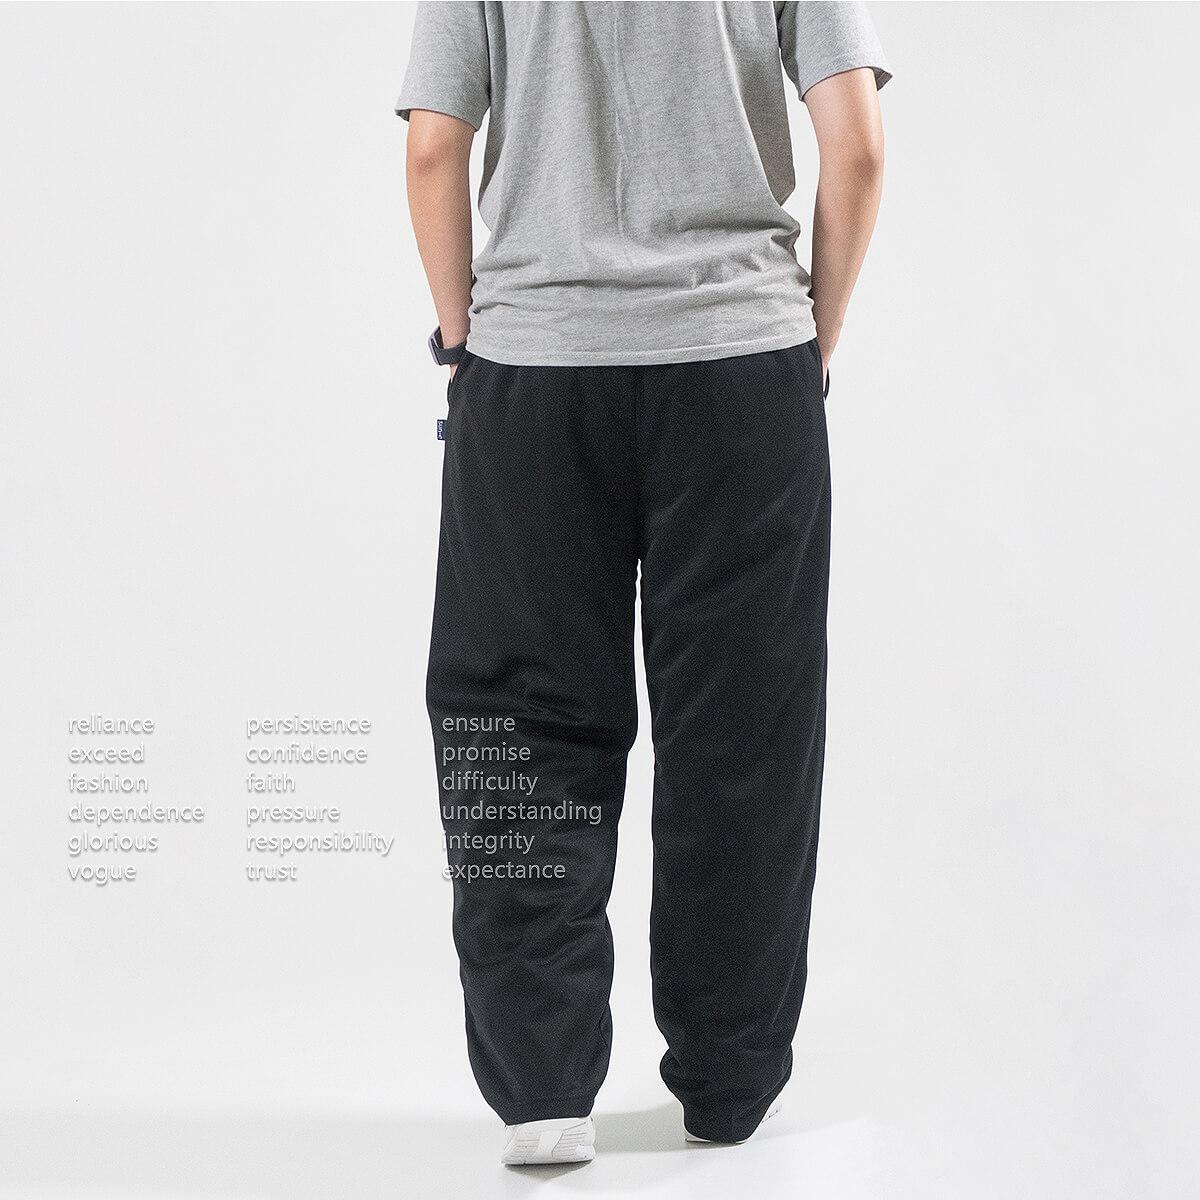 加大尺碼防潑水長褲 保暖台灣製長褲 防風休閒長褲 褲管無縮口彈性長褲 大尺碼男裝 全腰圍鬆緊帶休閒褲 黑色長褲 Made In Taiwan Big And Tall Water Repellent Pants Casual Pants (310-2056-08)深藍色、(310-2056-21)黑色、(310-2056-22)深灰色 4L 5L (腰圍:97~119公分  /  38~47英吋) 男女可穿 [實體店面保障] sun-e 7